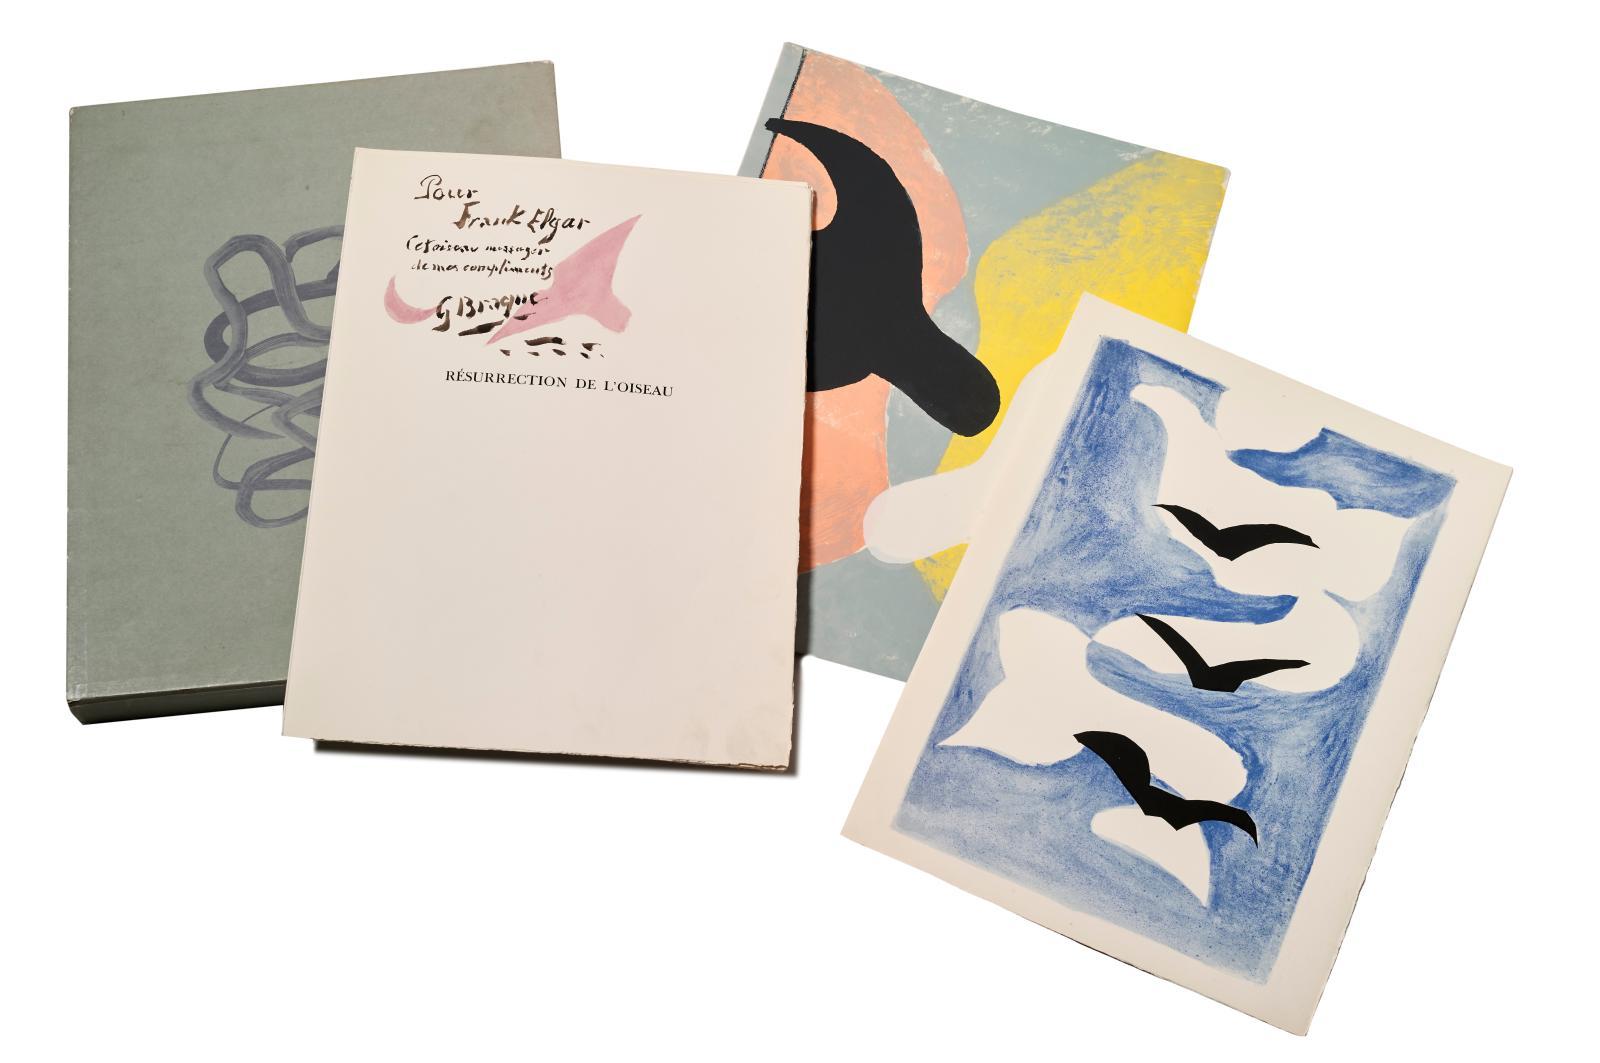 Frank Elgar (1899-1978), Résurrection de l'oiseau, Maeght Éditeur Paris, 1958, illustrations de Georges Braque (1882-1963), exemplaire spé